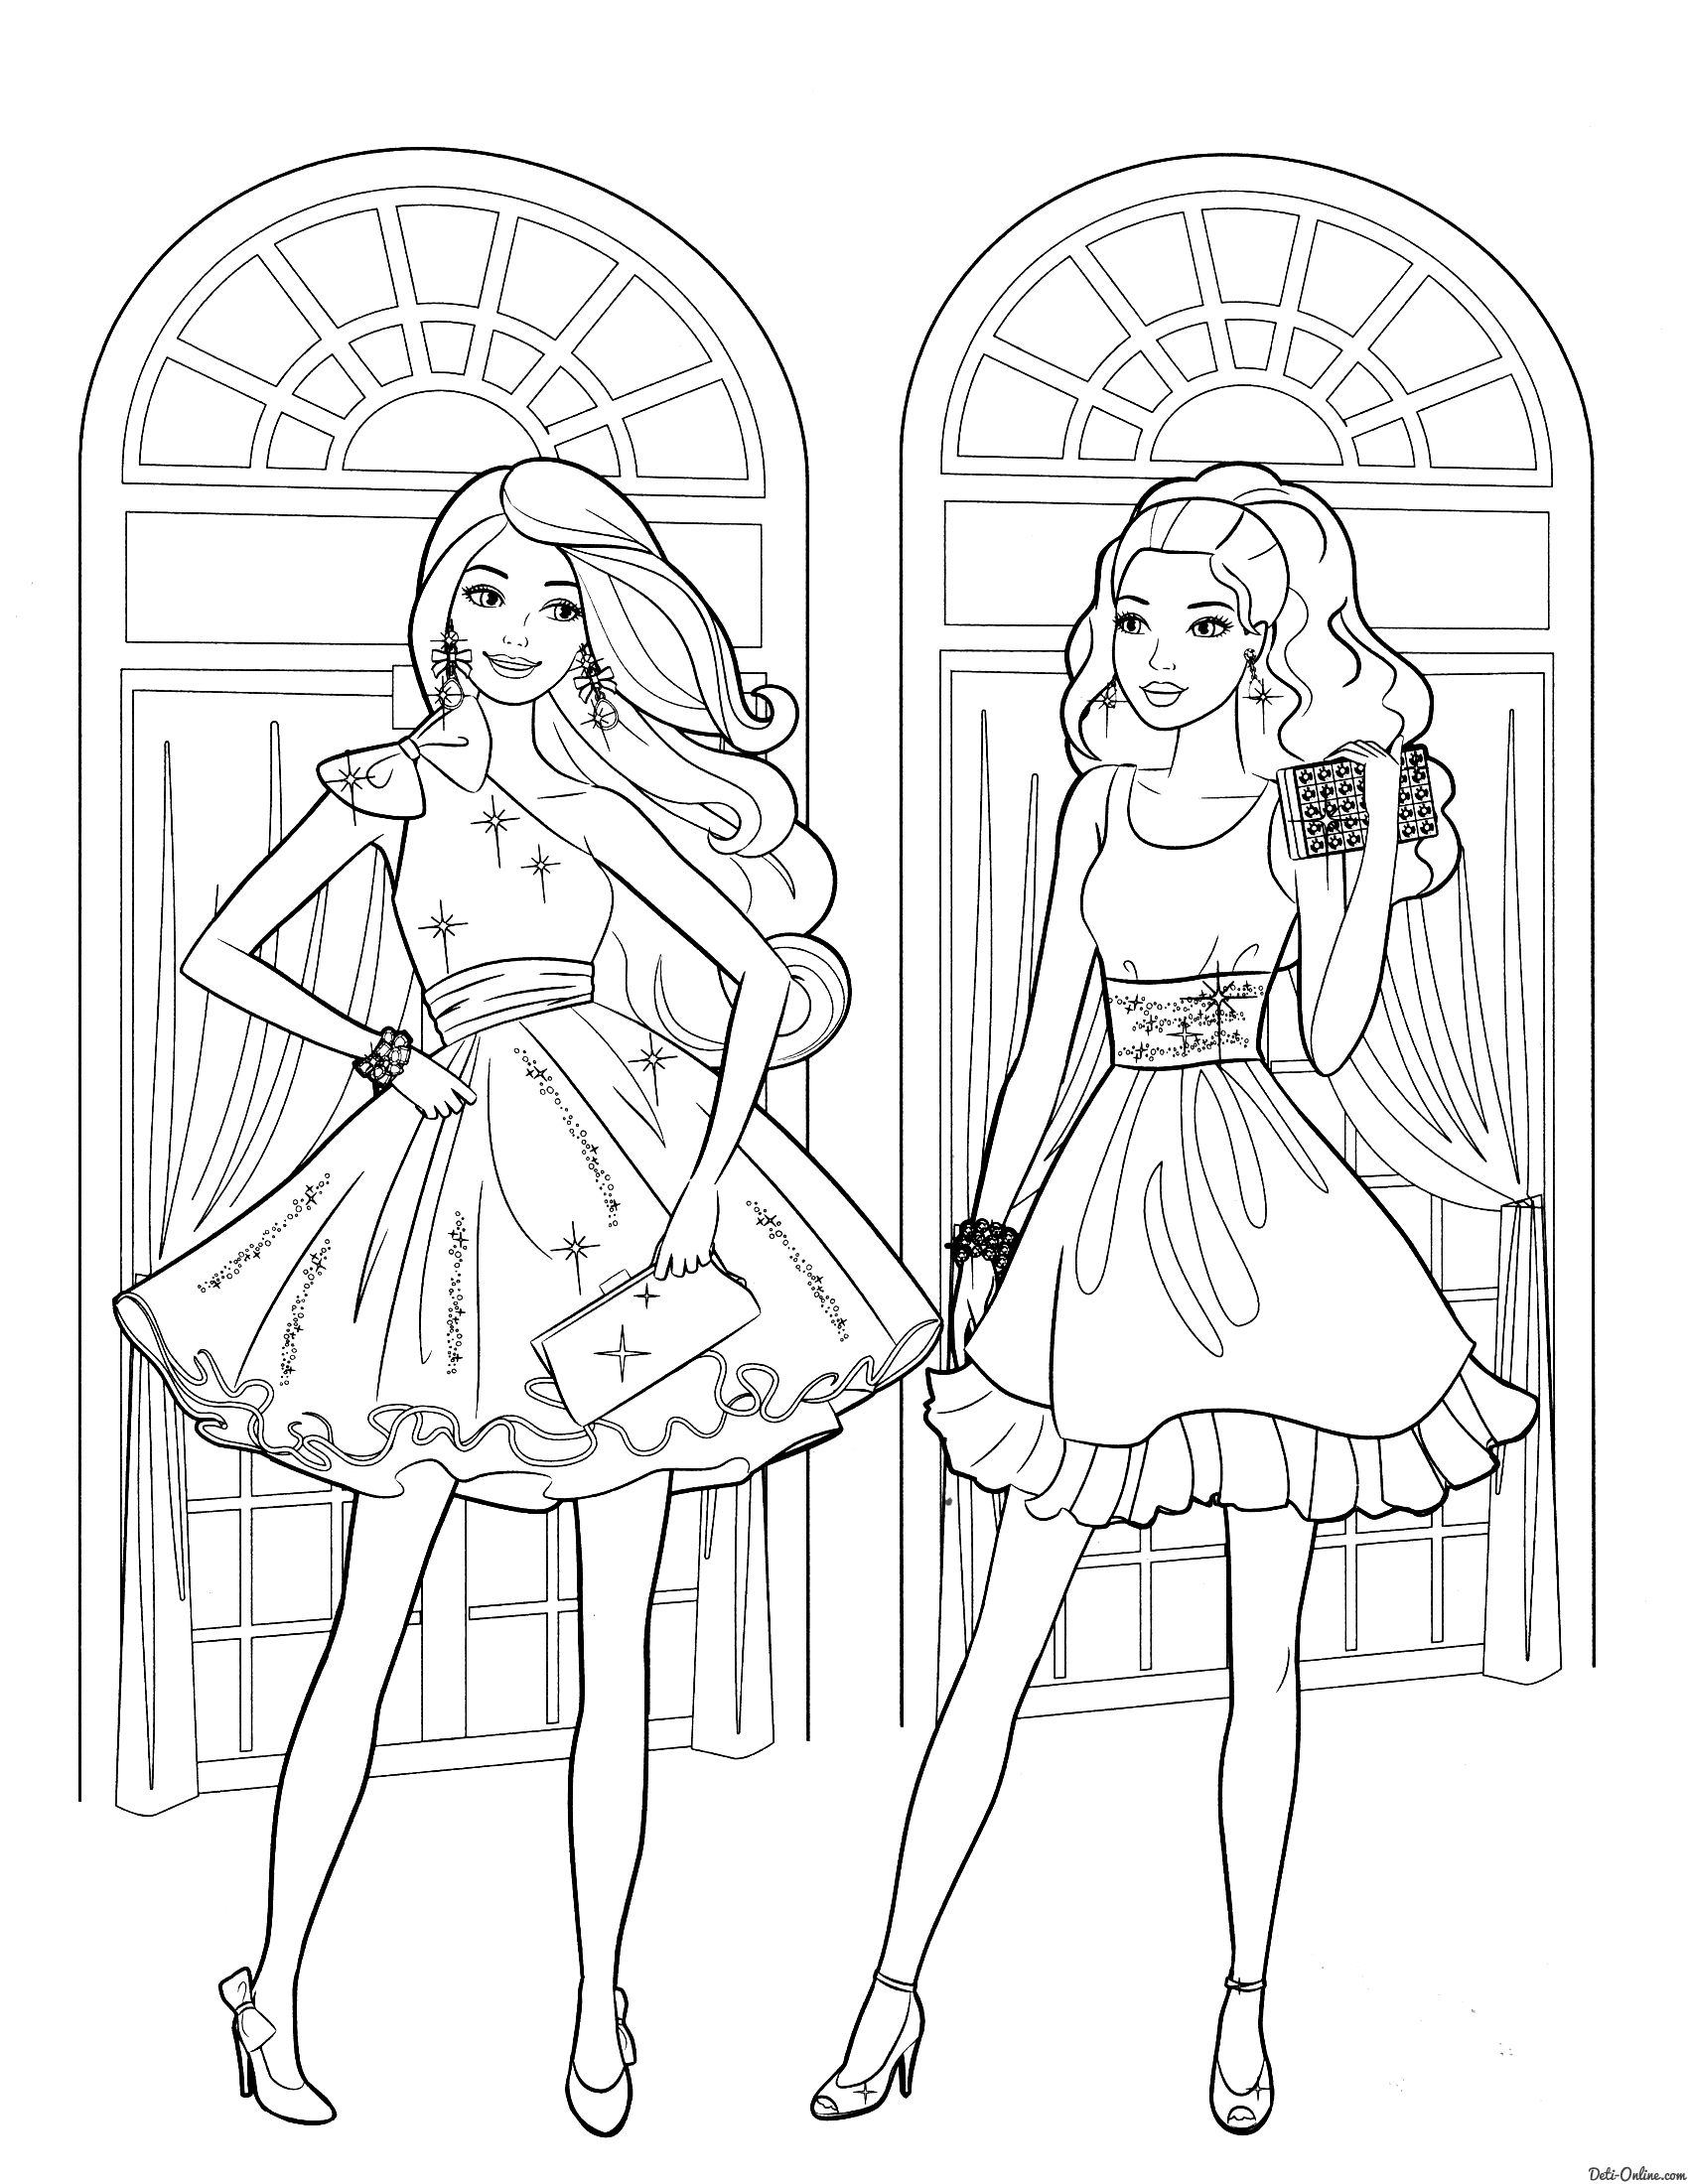 Ausmalbilder Barbie Popstar :  Coloring Pages Pinterest Barbie